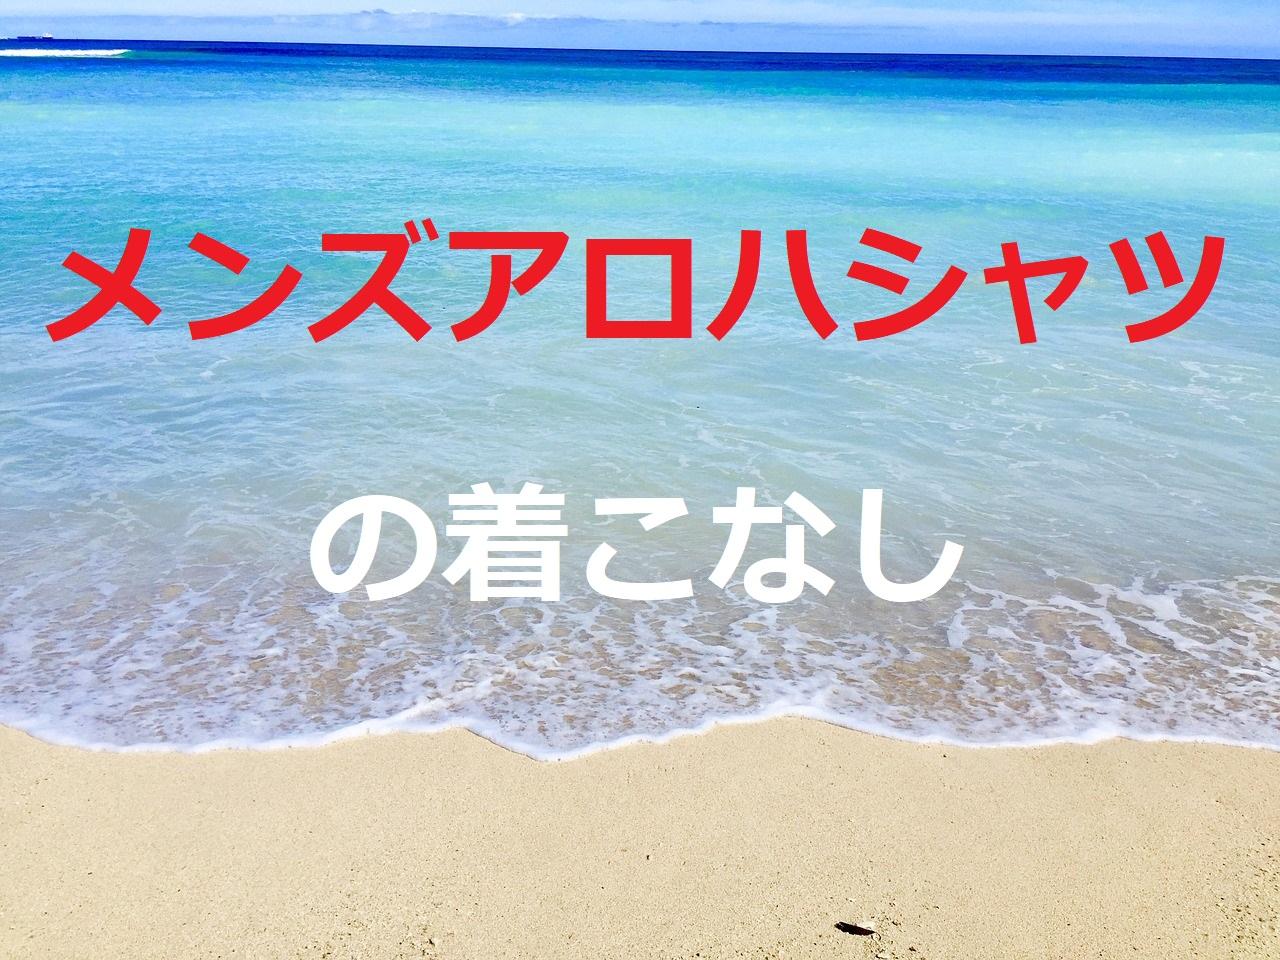 砂浜の画像に「メンズアロハシャツの着こなし」の文字